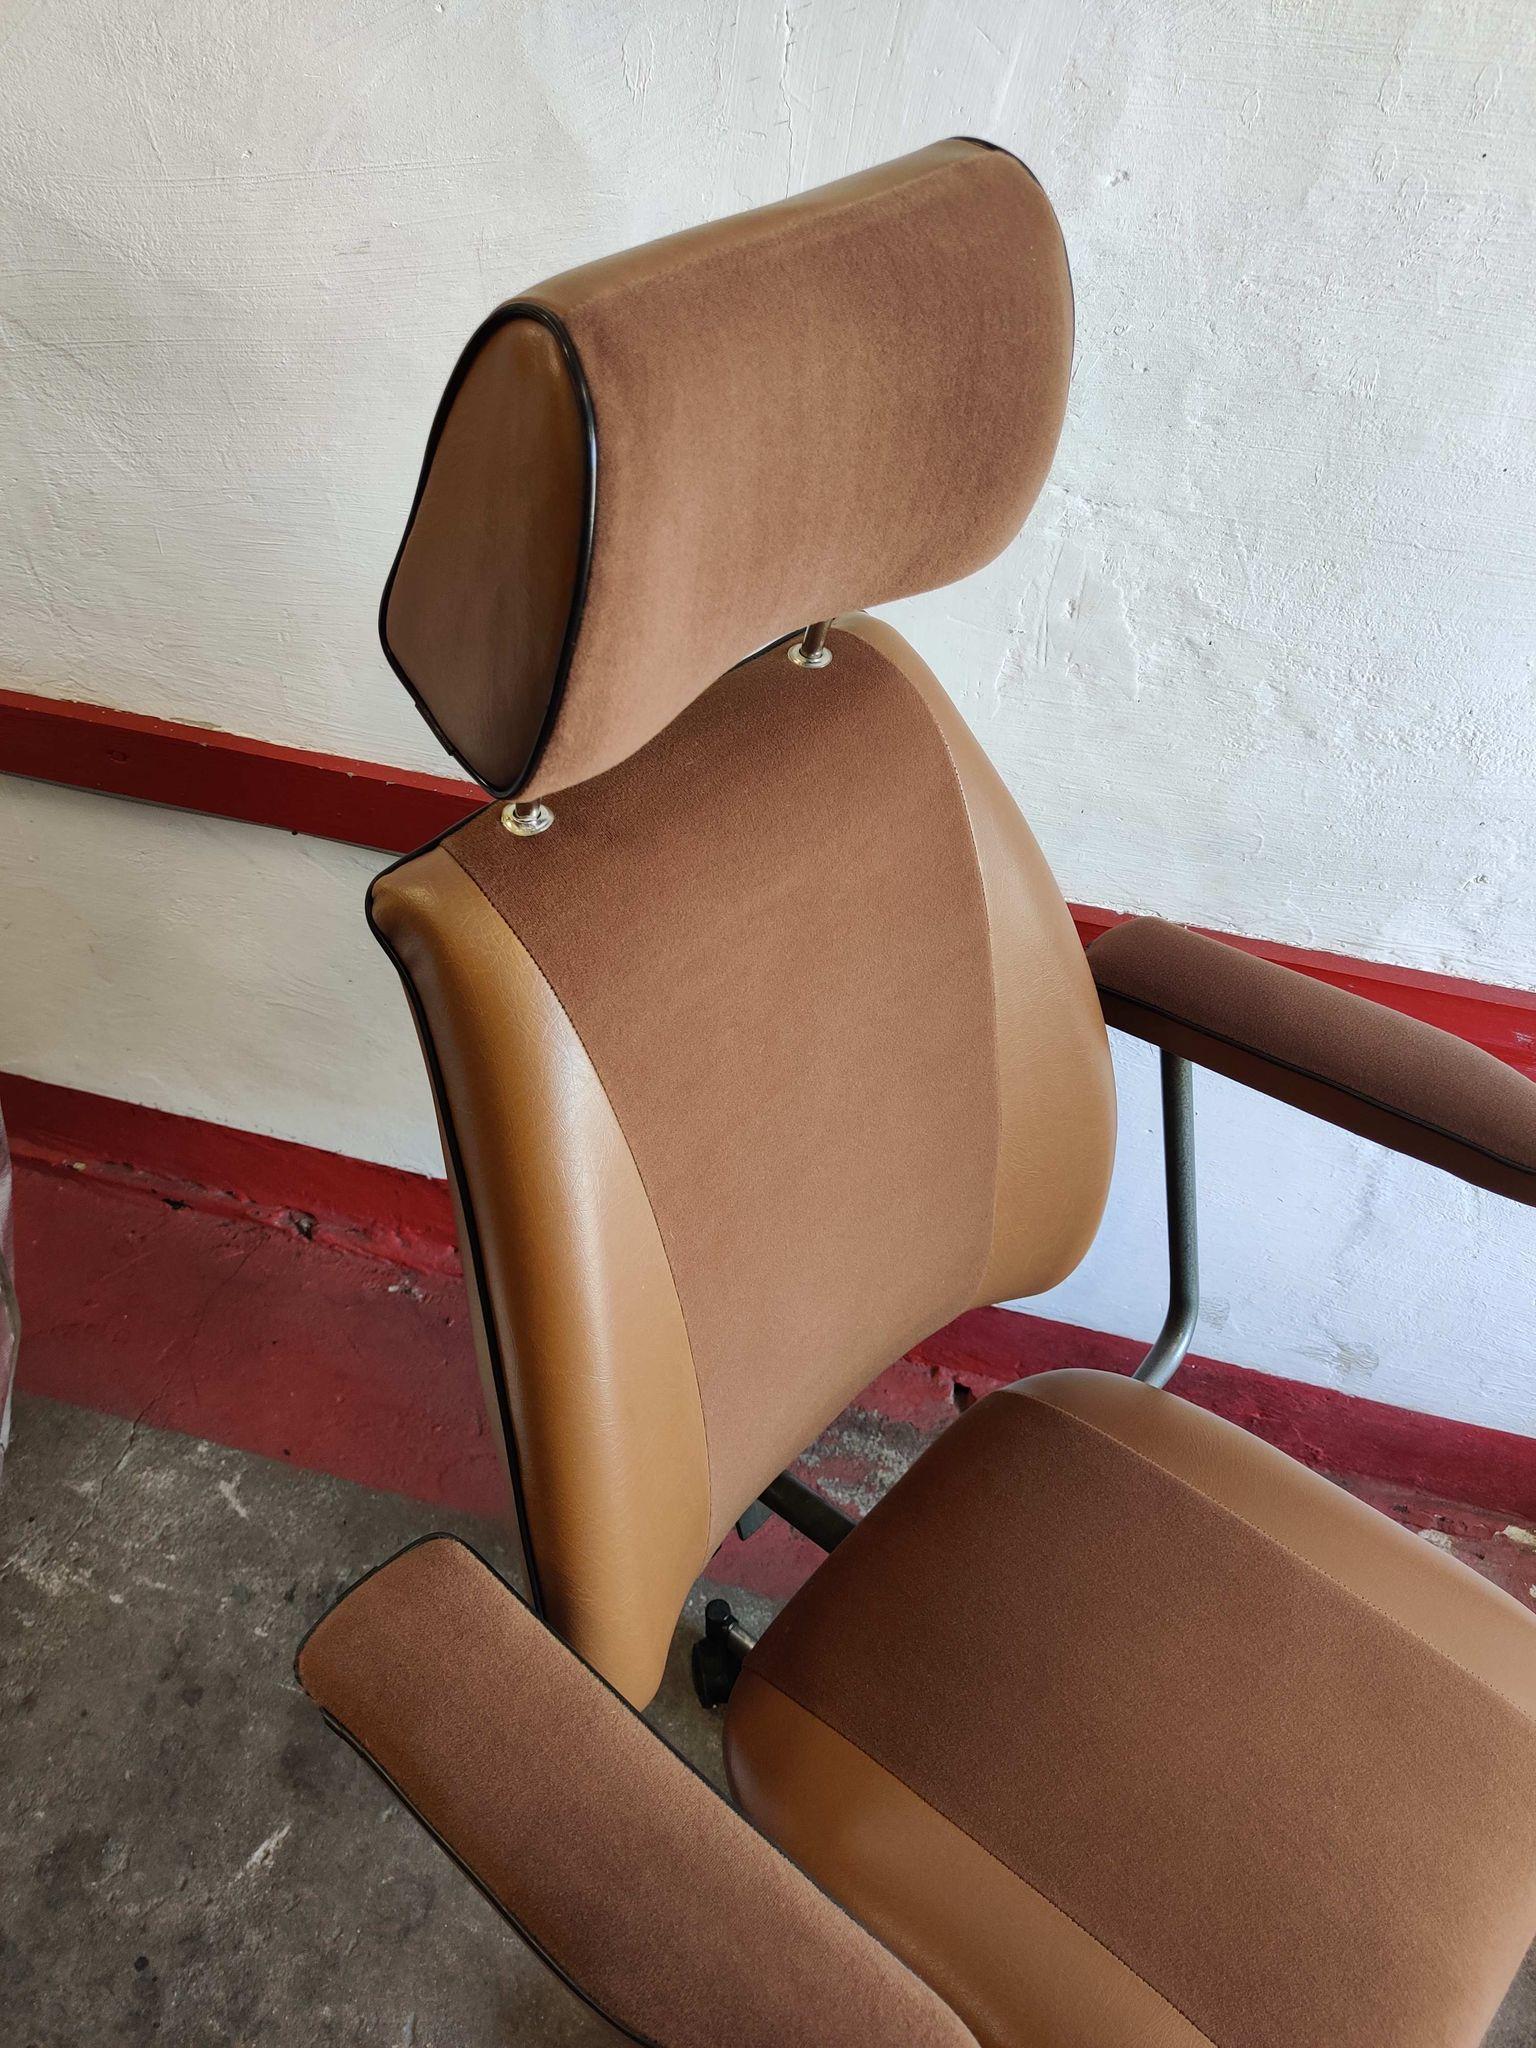 Fotel do gabinetu medycznego prod. Spółdzielnia Inwalidów Metalowiec, 1989